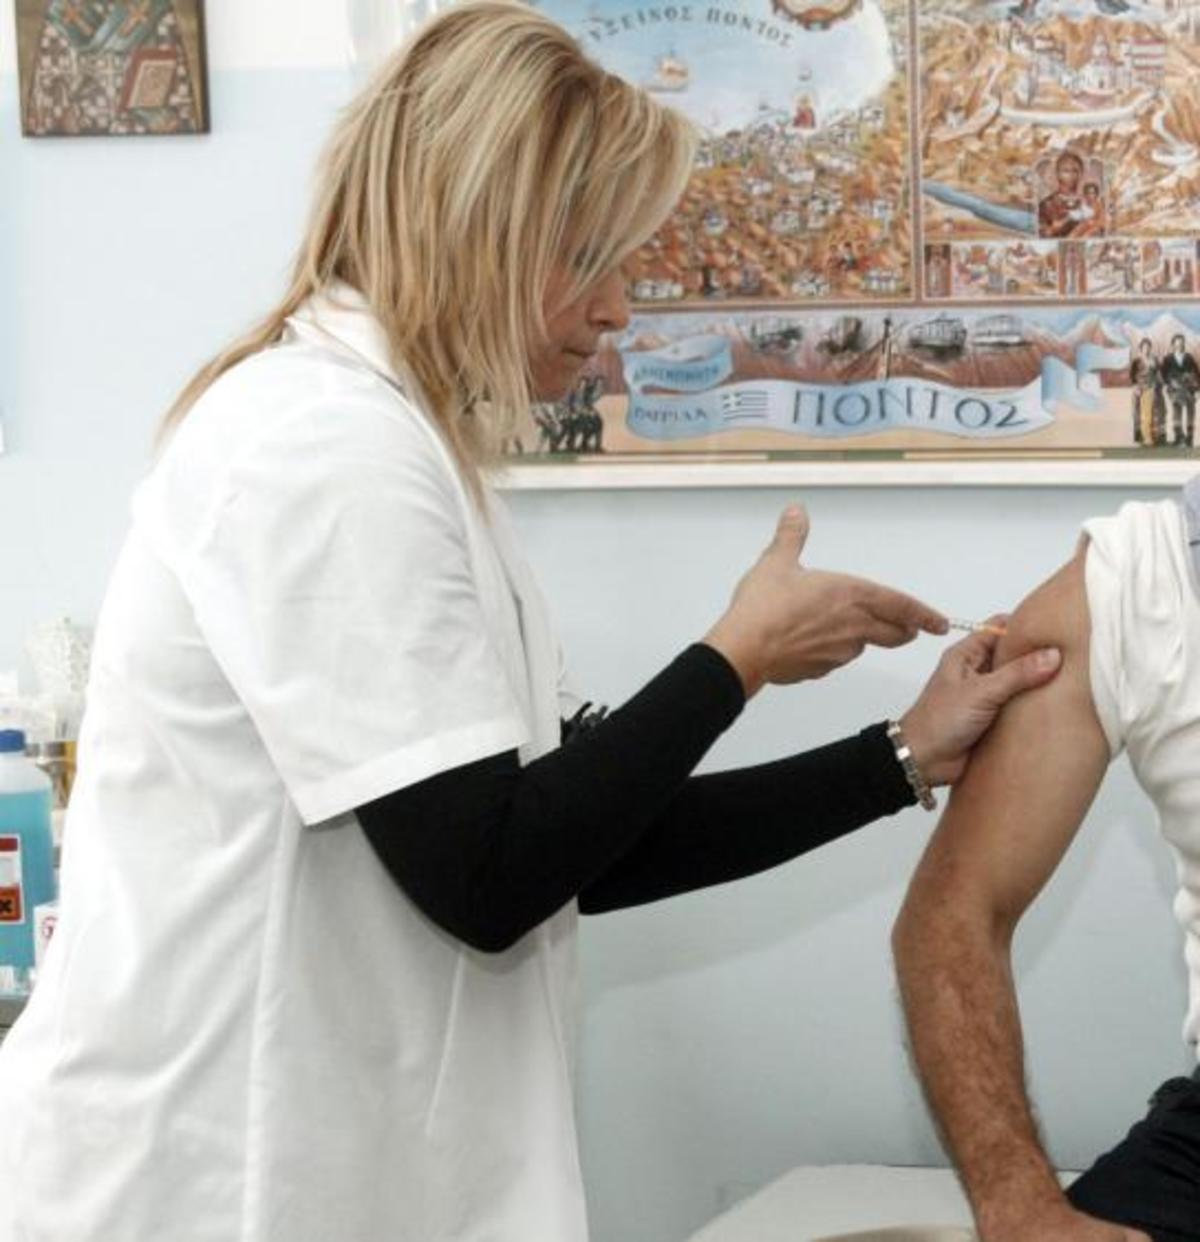 Δωρεάν εμβολιασμός για όλους, ασφαλισμένους και μη | Newsit.gr